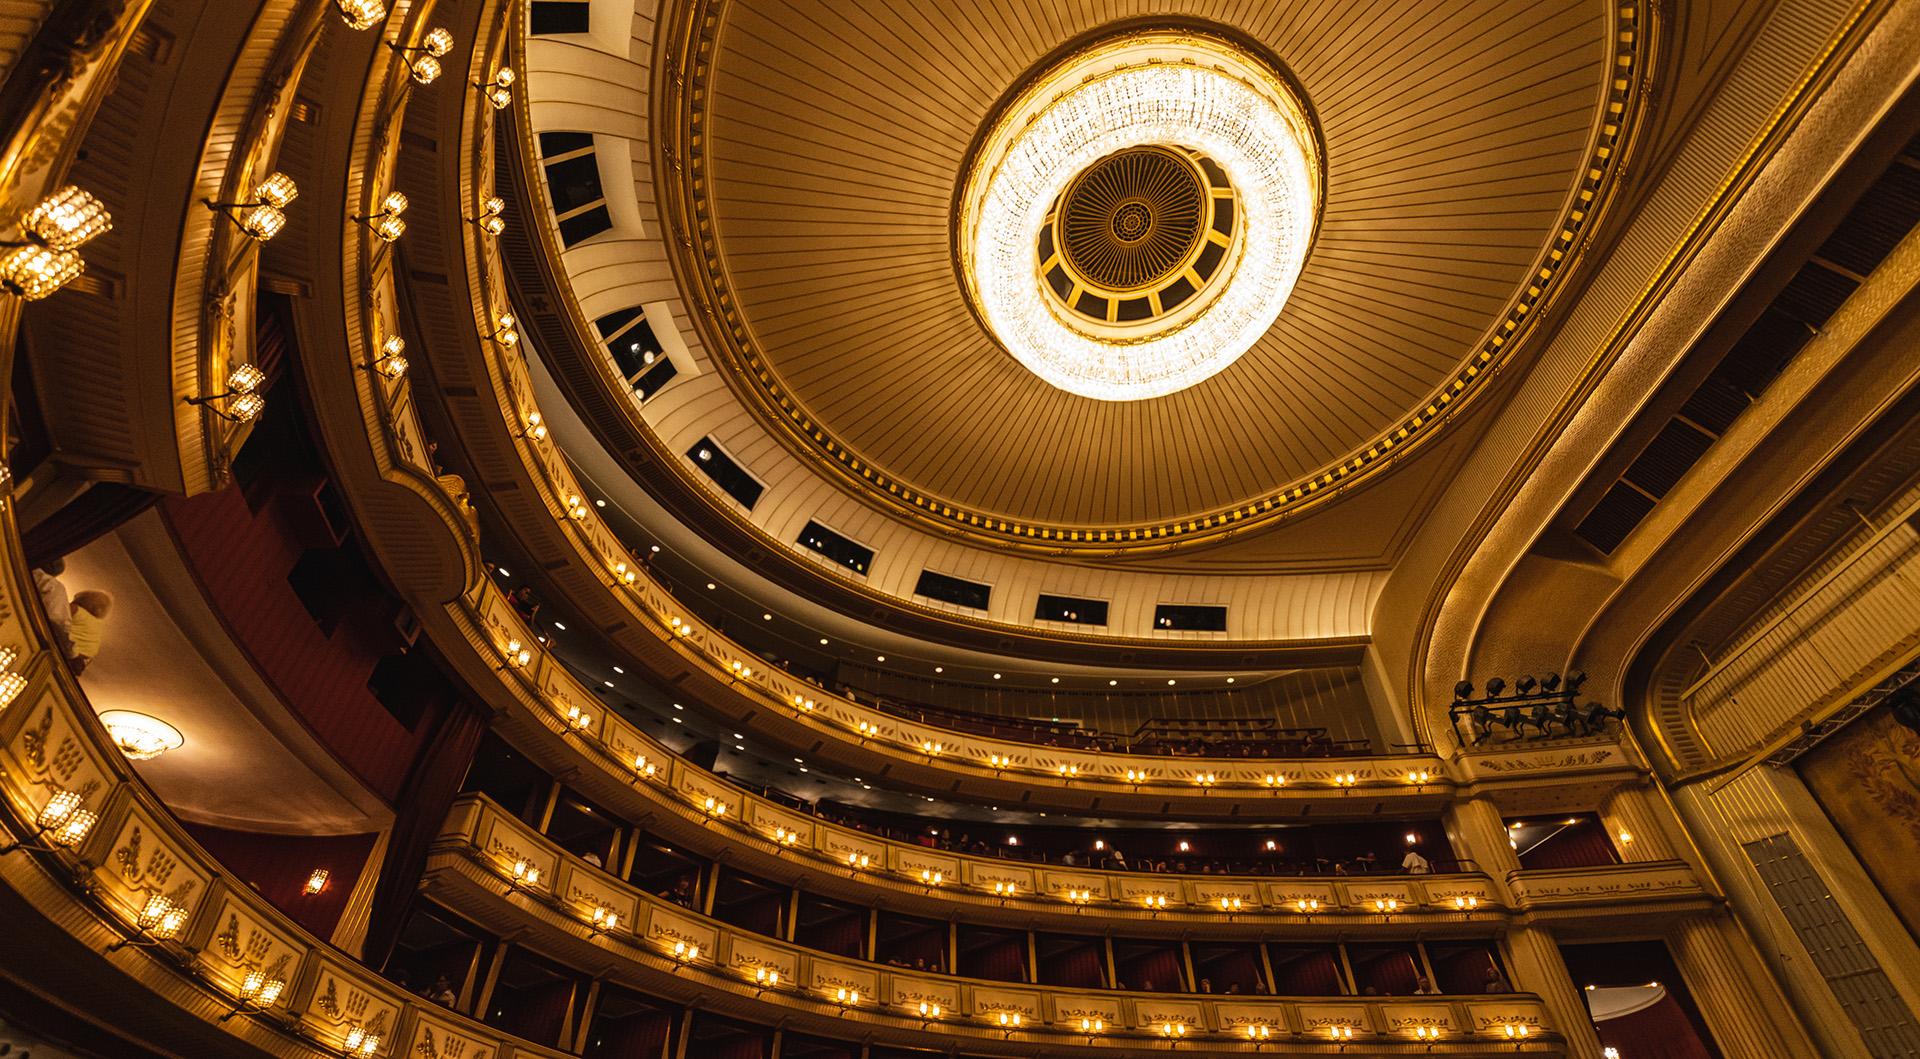 Loges et plafonniers de l'Opéra National de Vienne